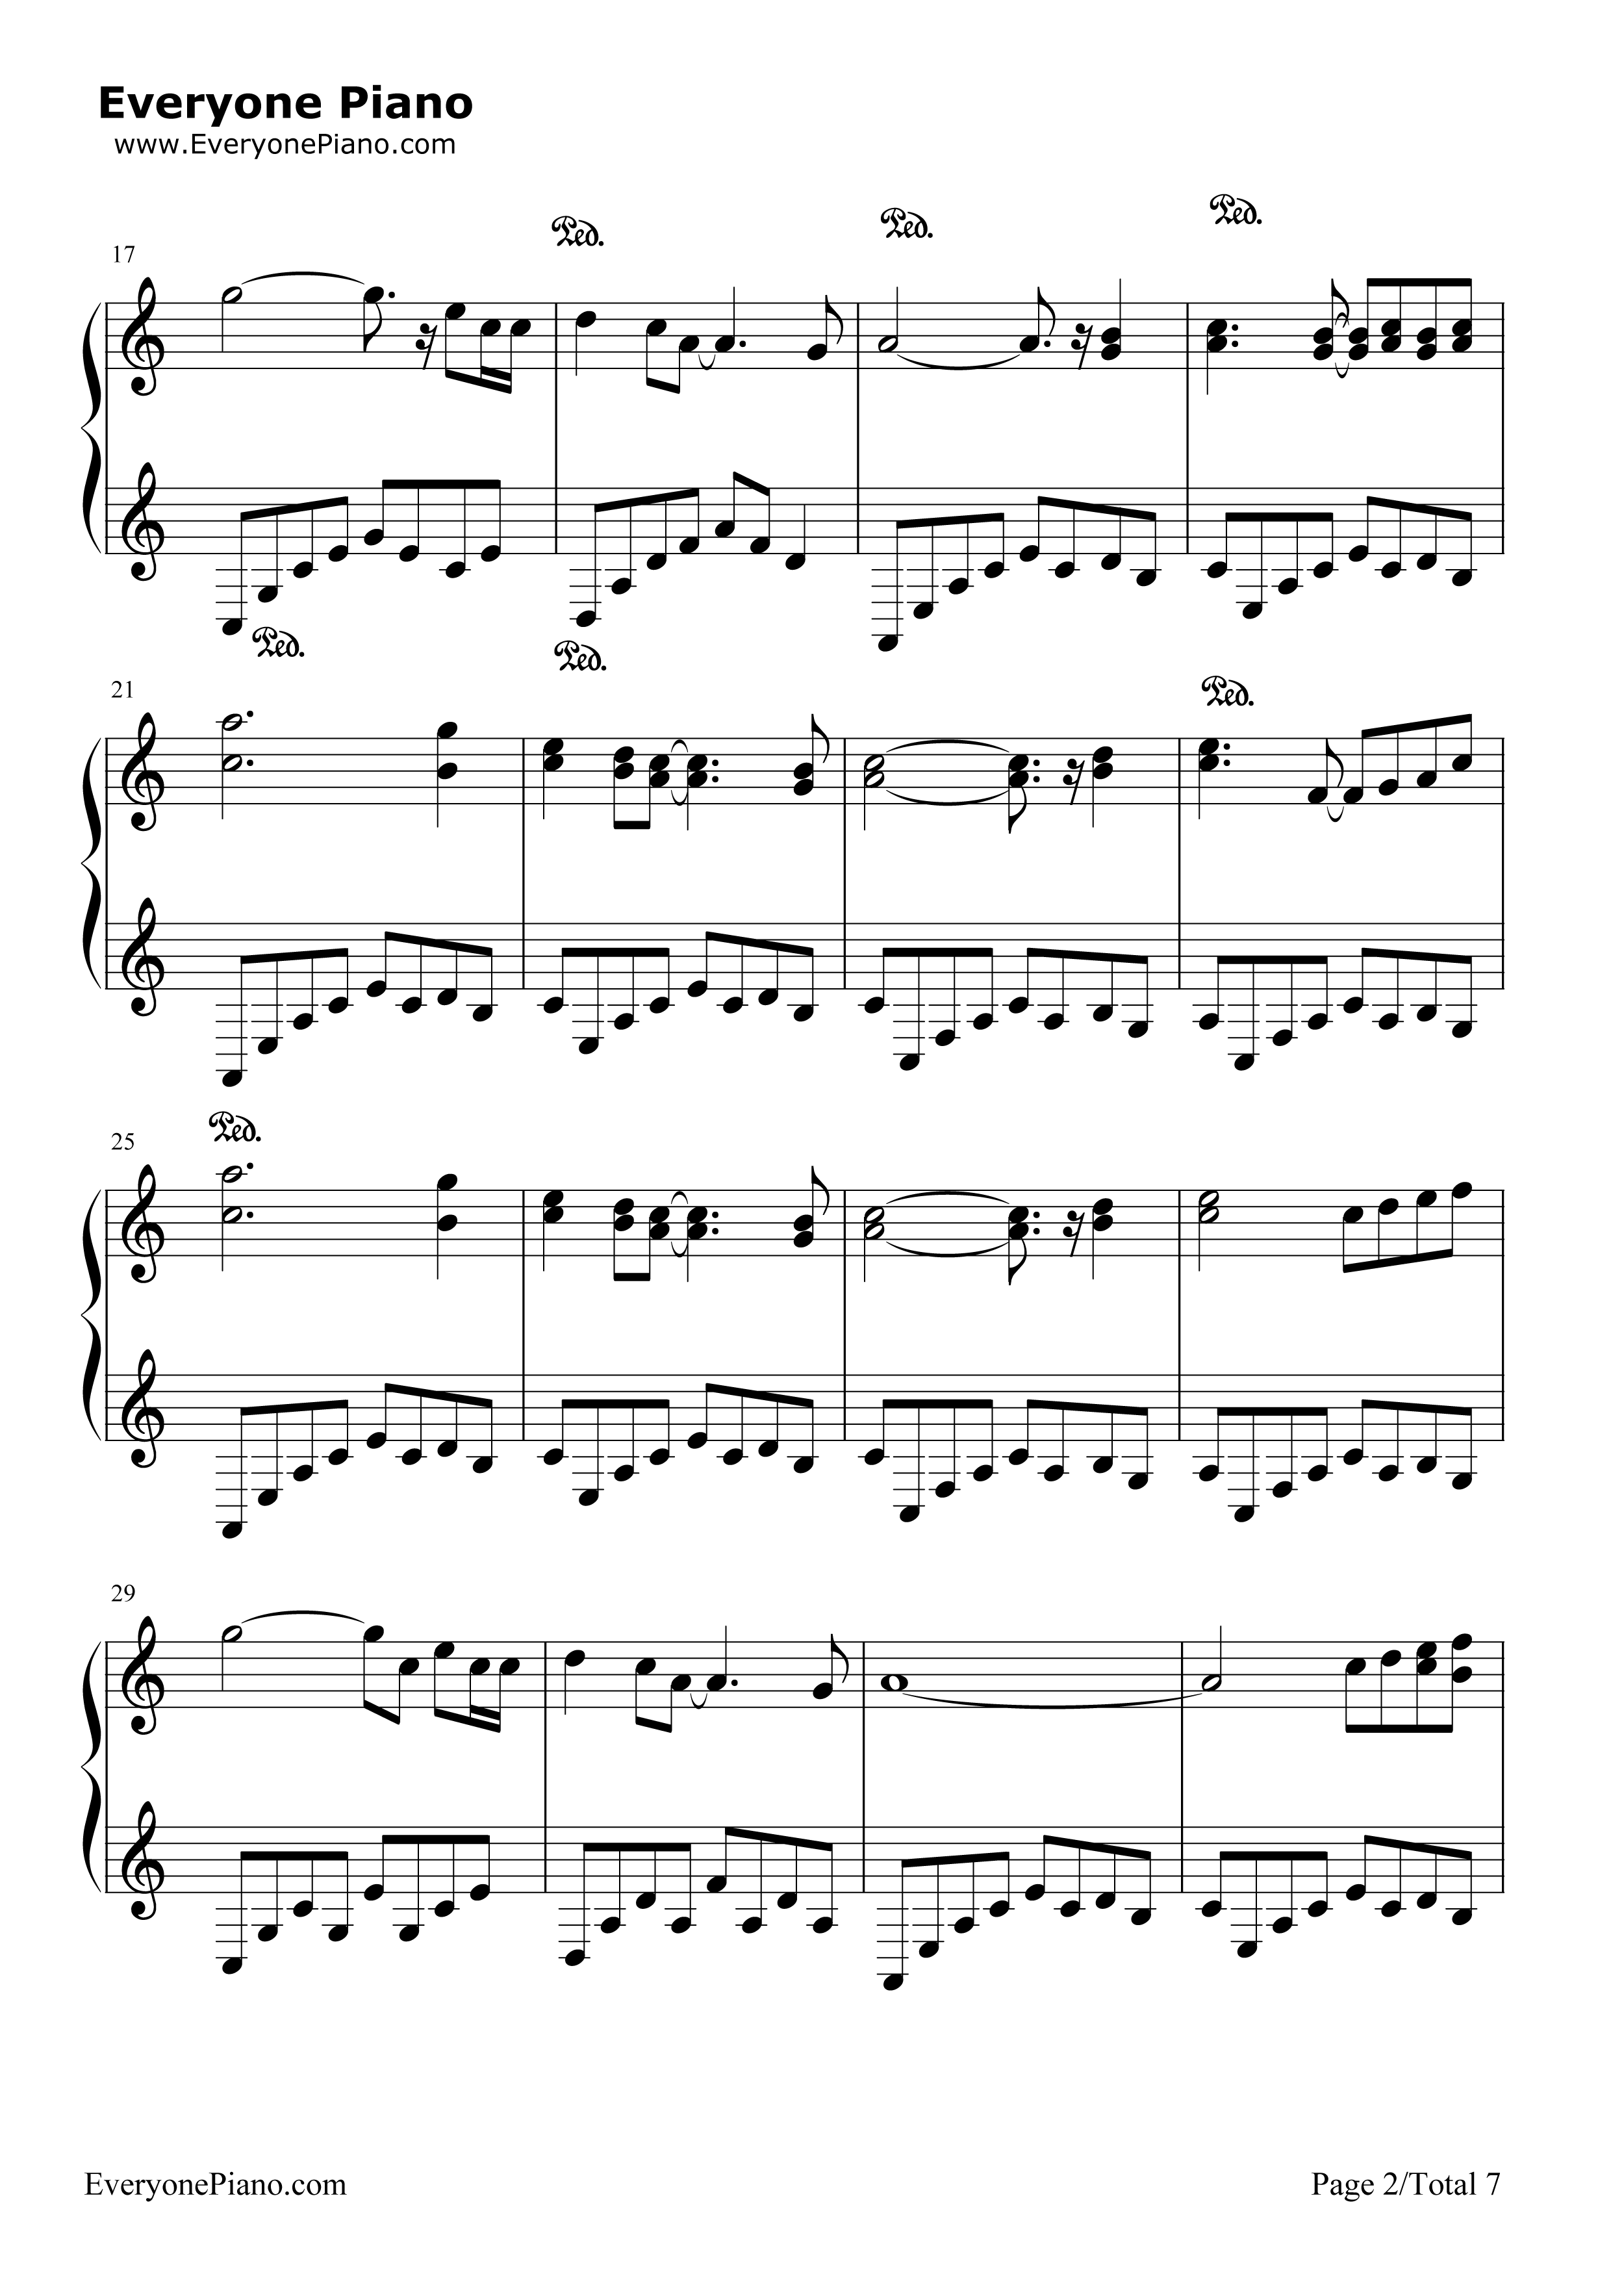 钢琴曲谱 轻音乐 欧塔妃-《梦花园》班得瑞 欧塔妃-《梦花园》班得瑞